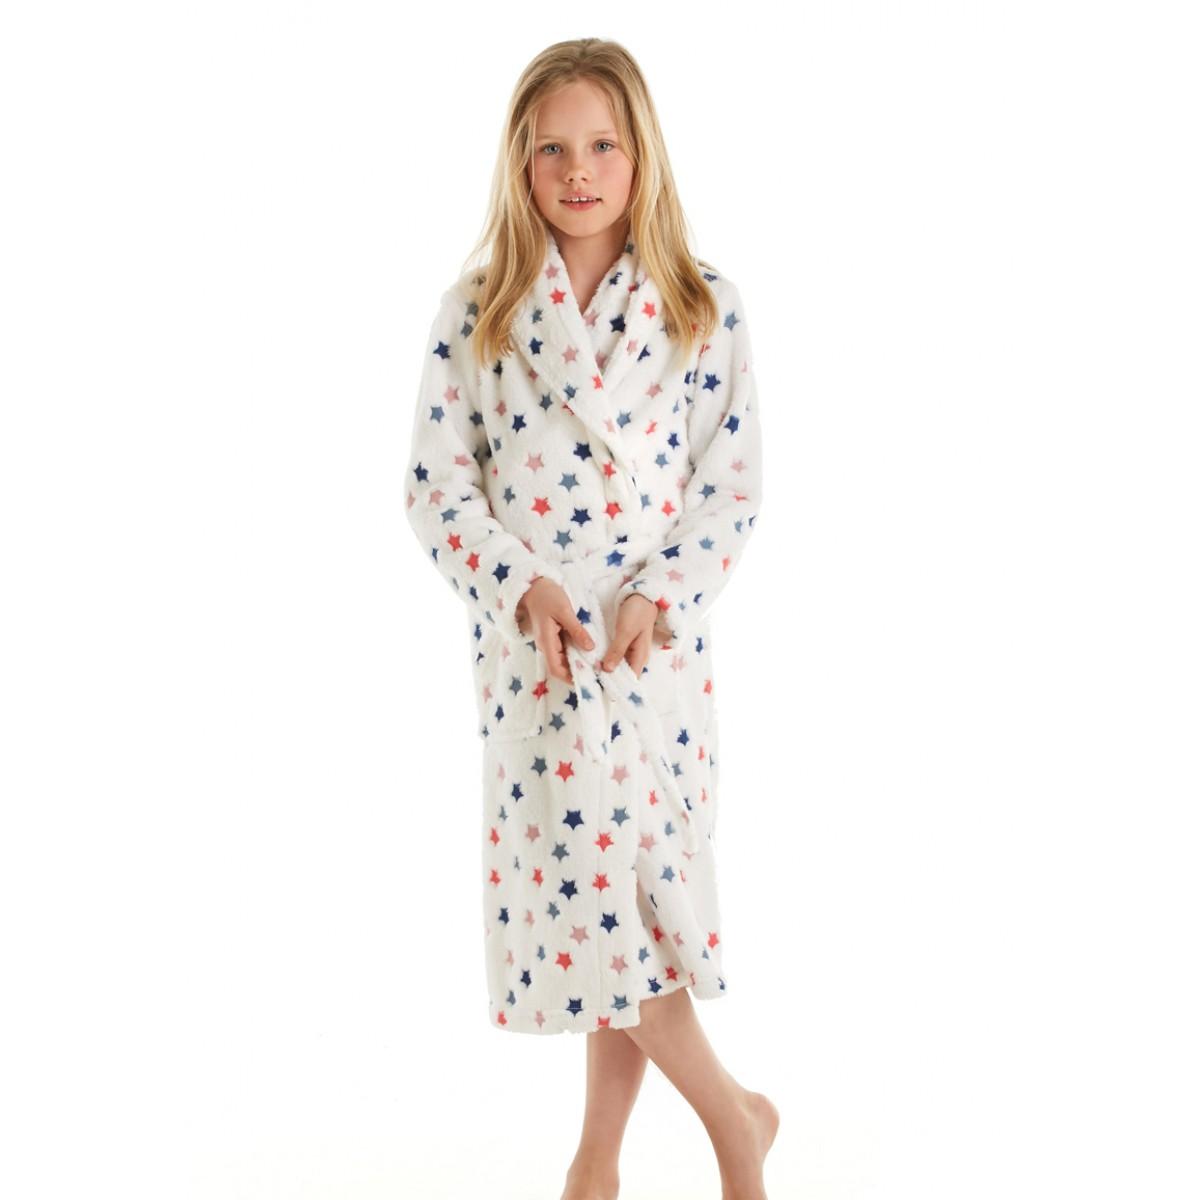 Kinderbadjas met sterren